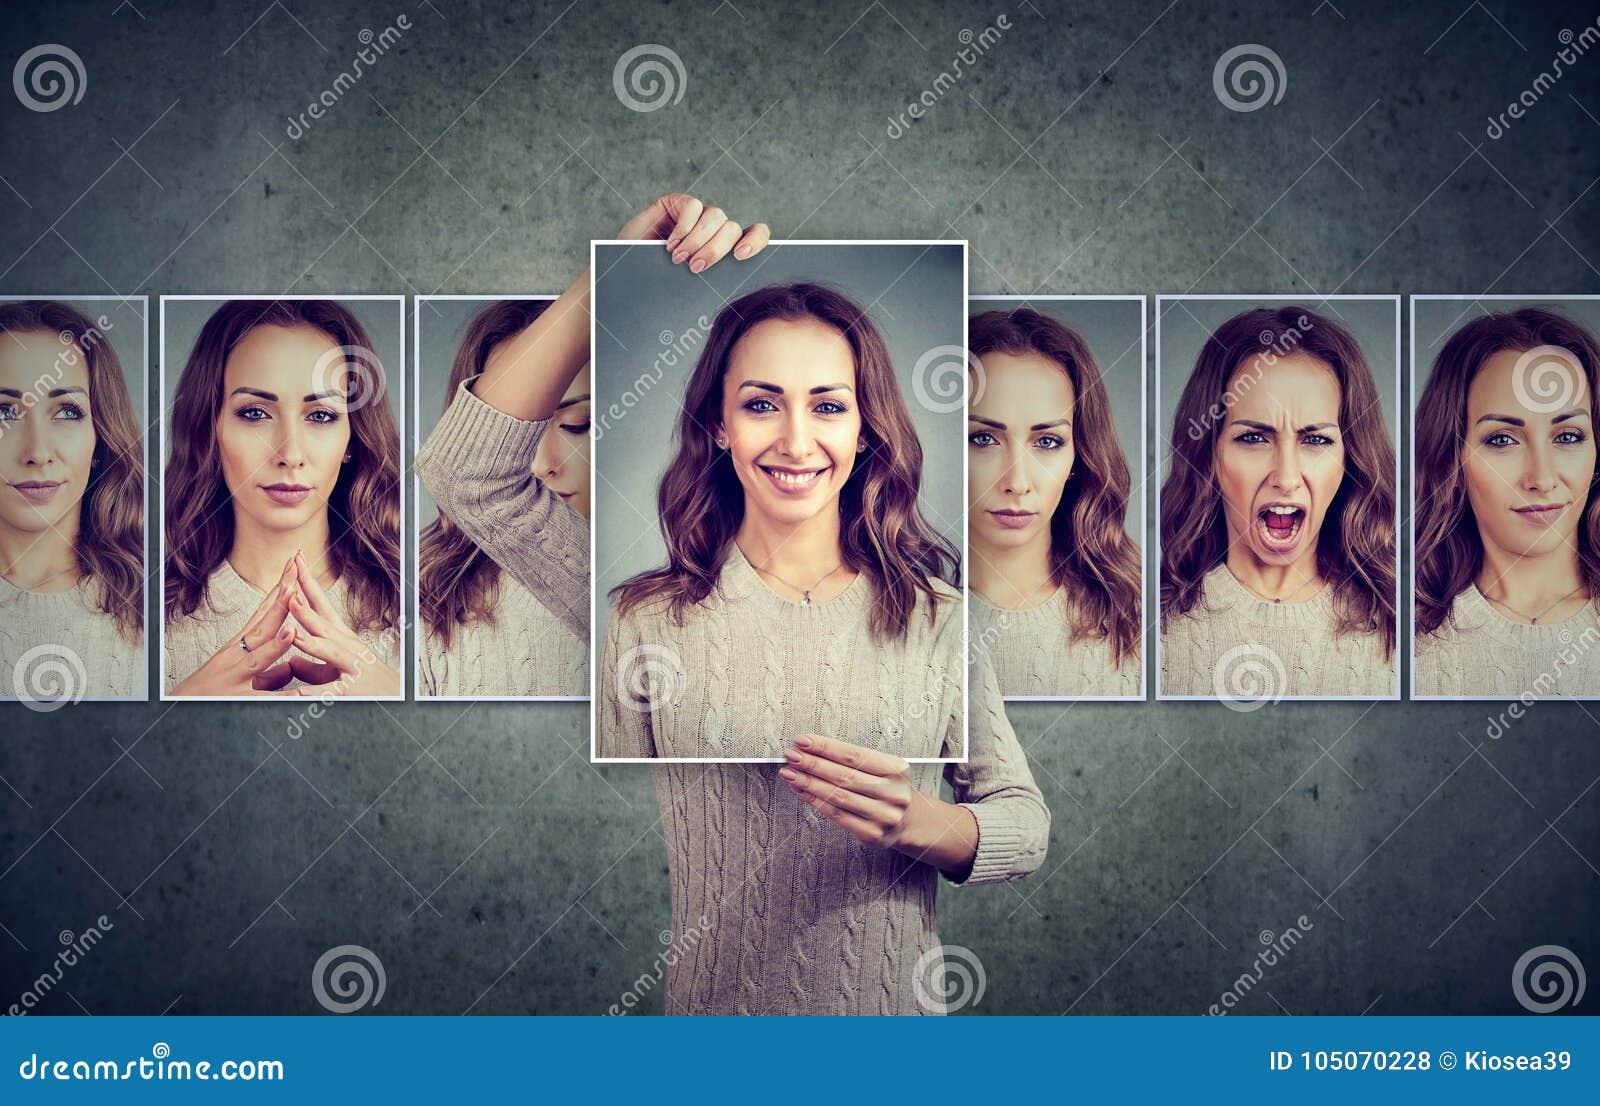 Gemaskeerde jonge vrouw die verschillende emoties uitdrukken